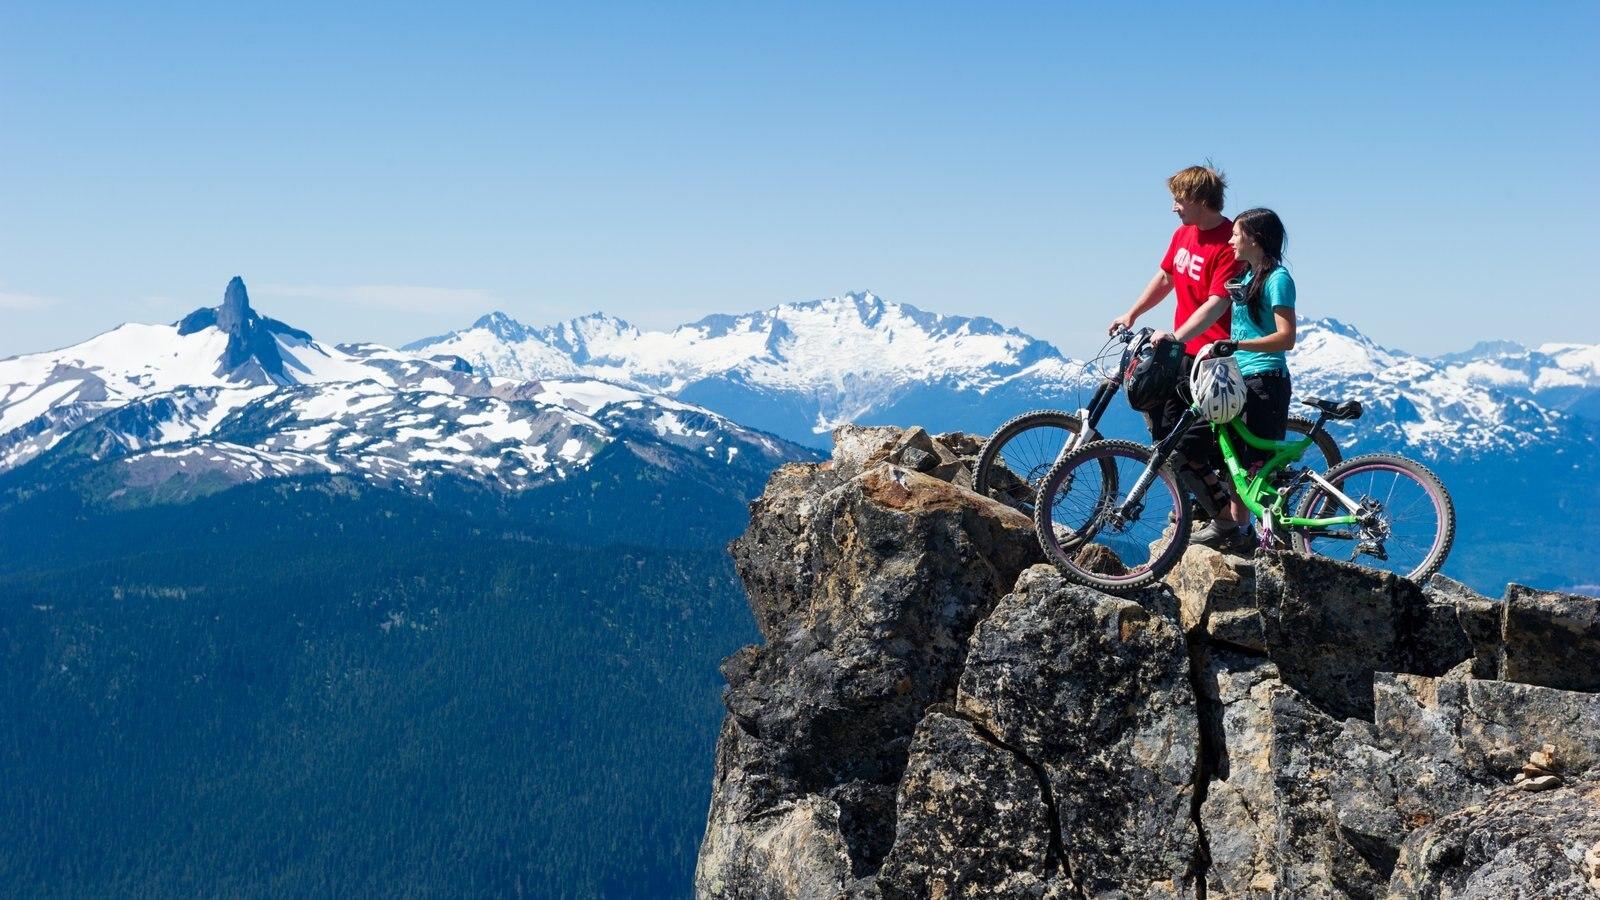 Whistler Ski Area featuring mountain biking, mountains and landscape views